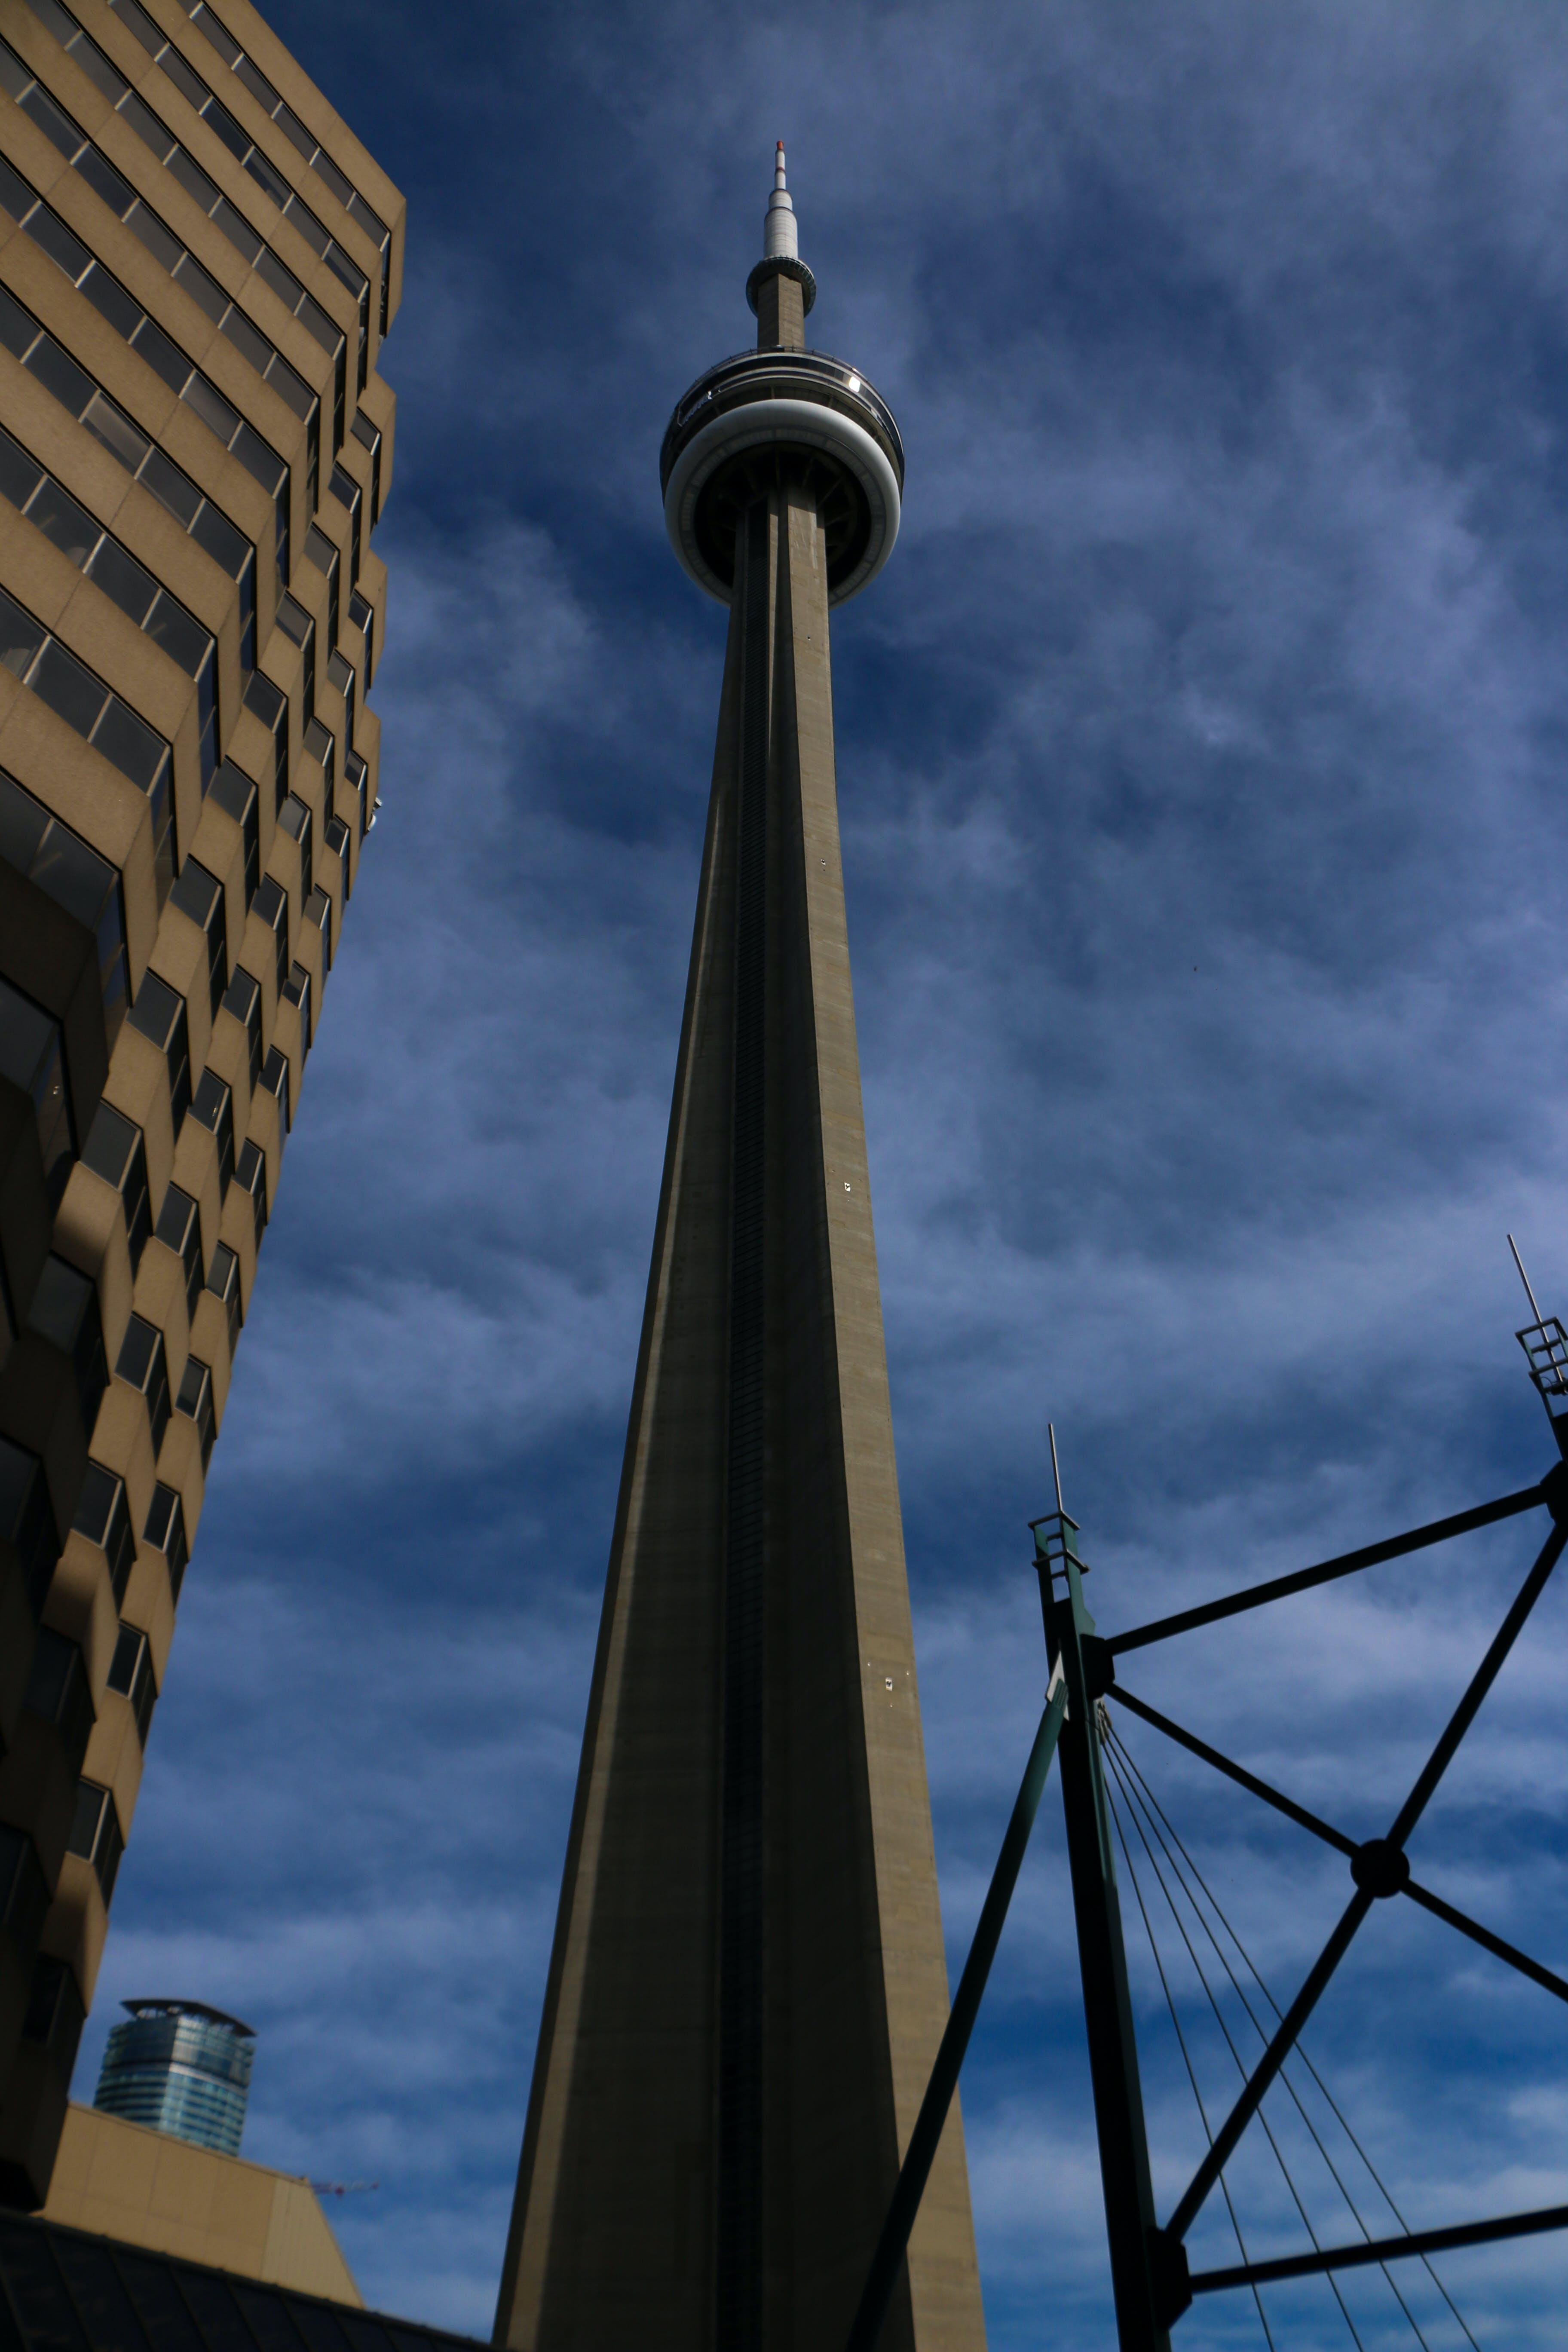 CN 타워, 캐나다, 토론토, 푸른 하늘의 무료 스톡 사진